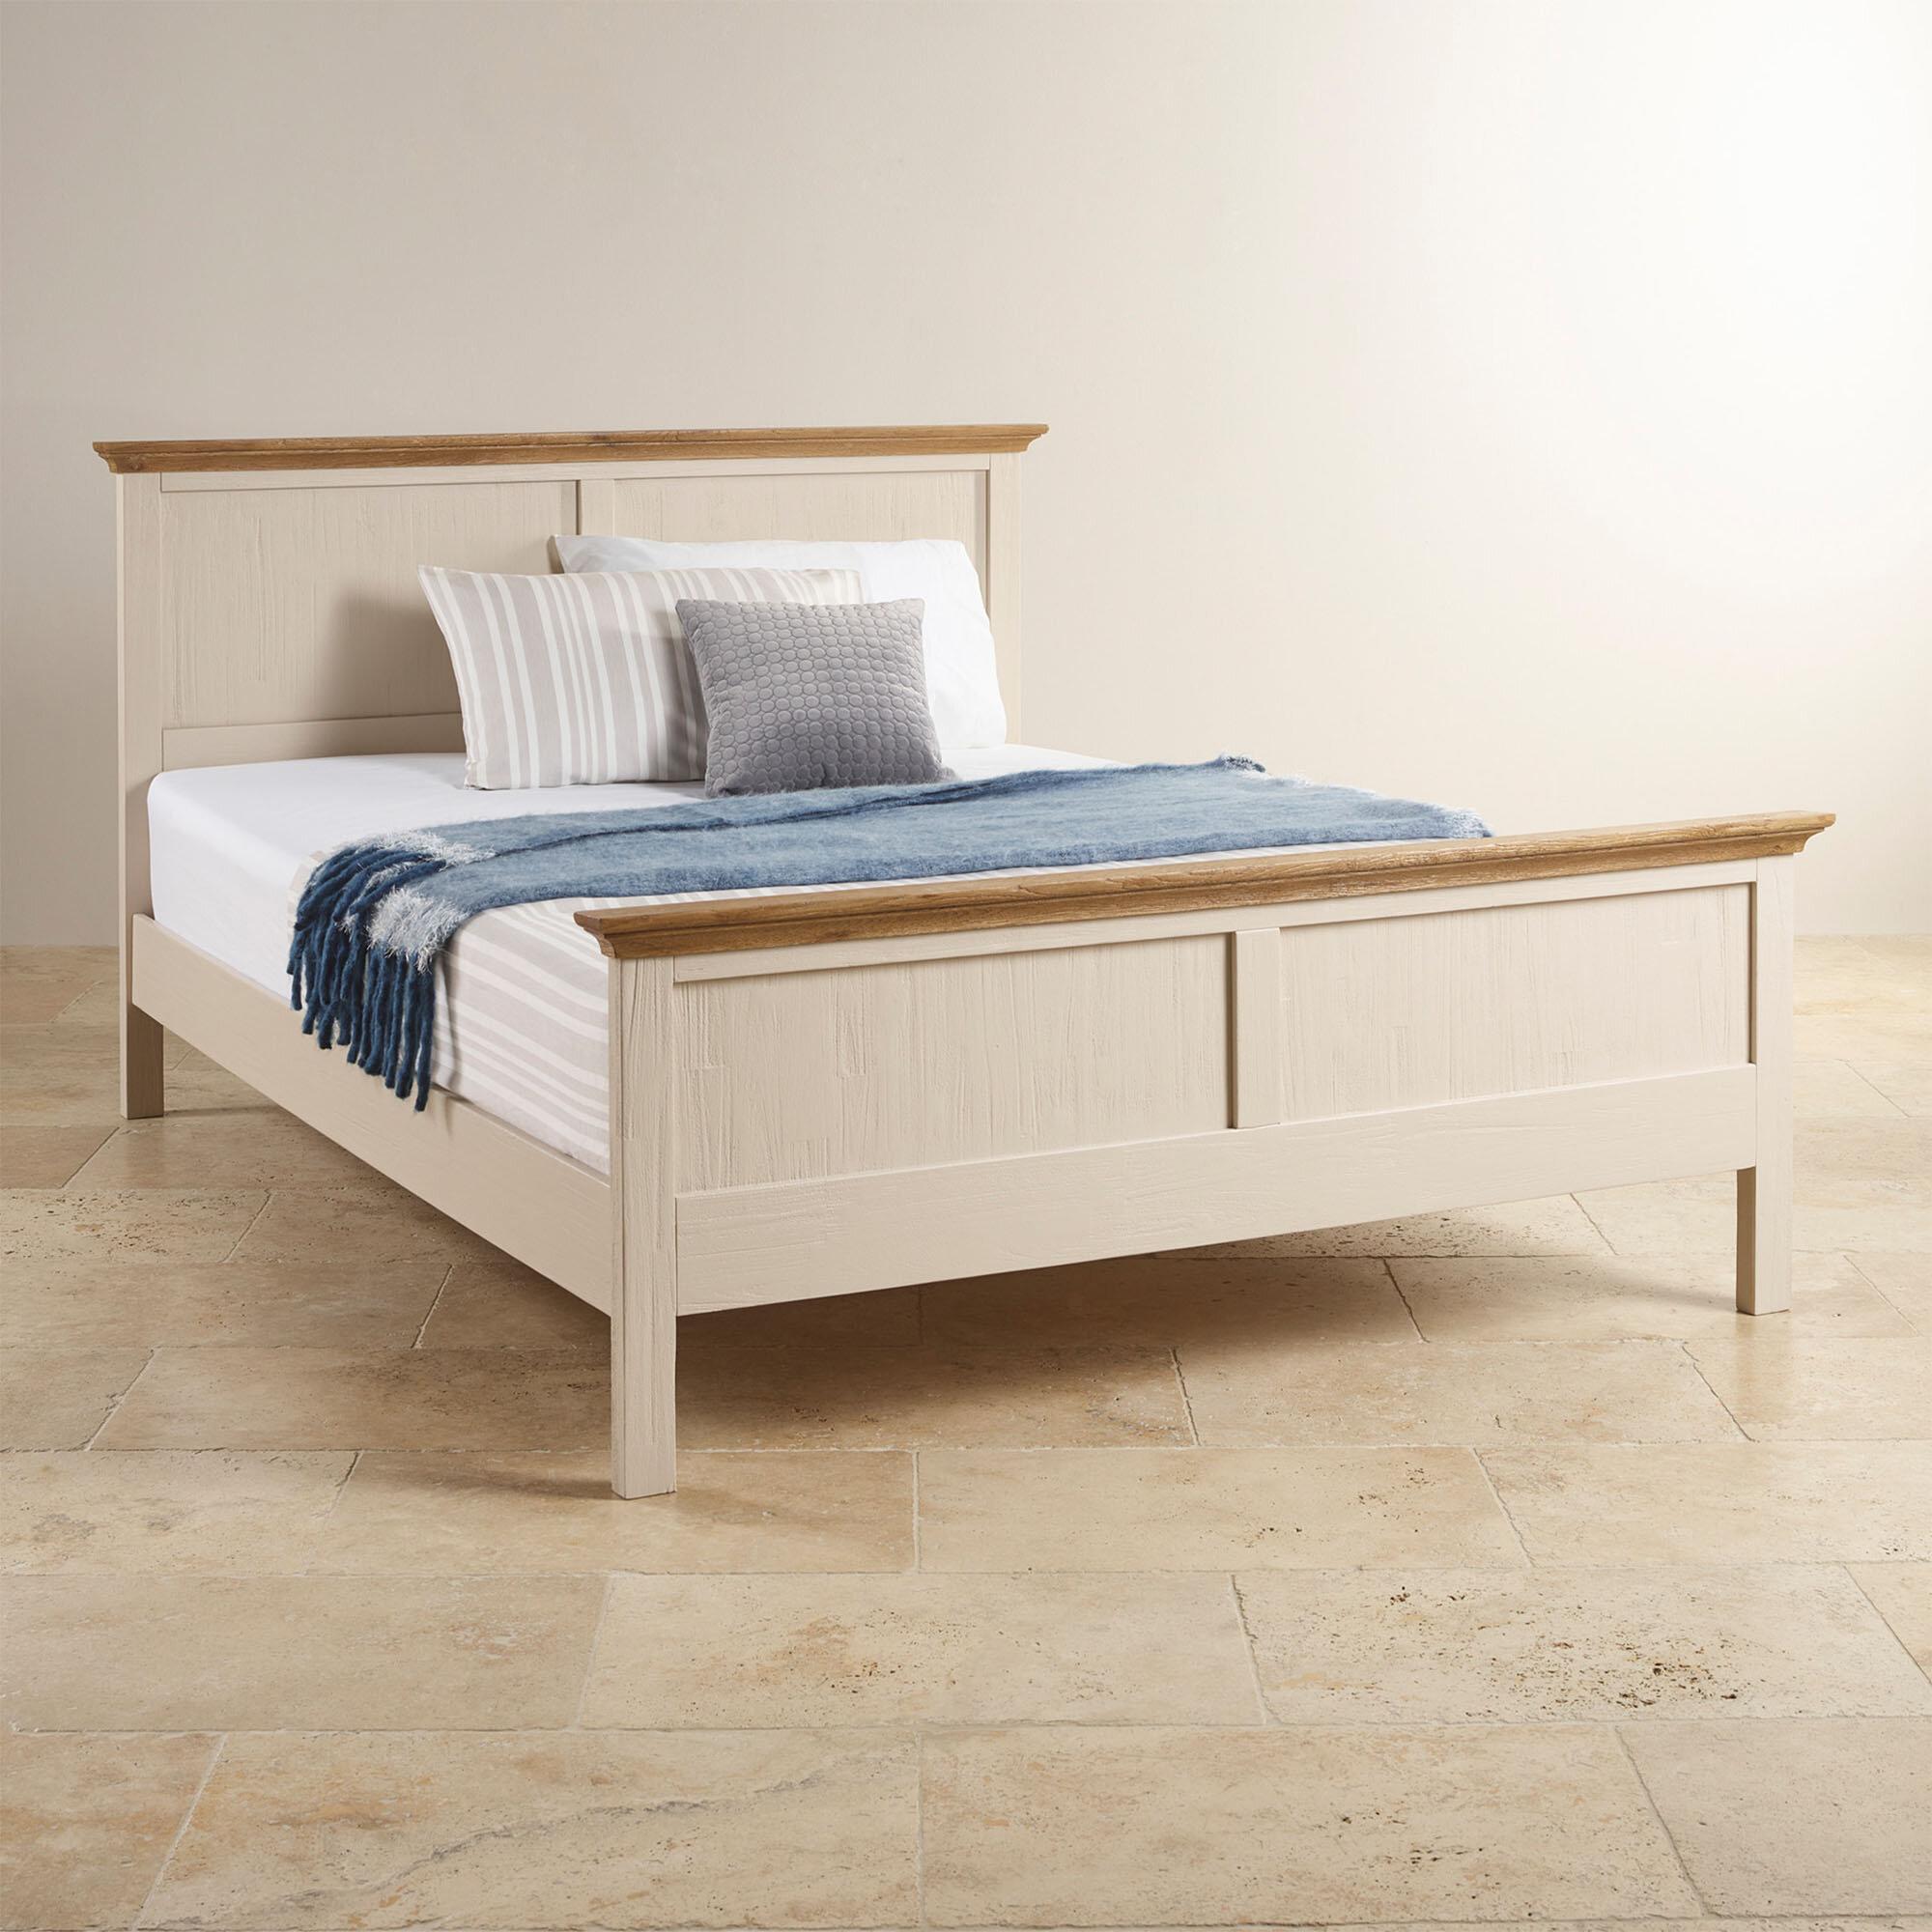 Với chiếc giường Cozino Sark này bạn có thể dễ dàng lau chùi sàn nhà khi cần thiết